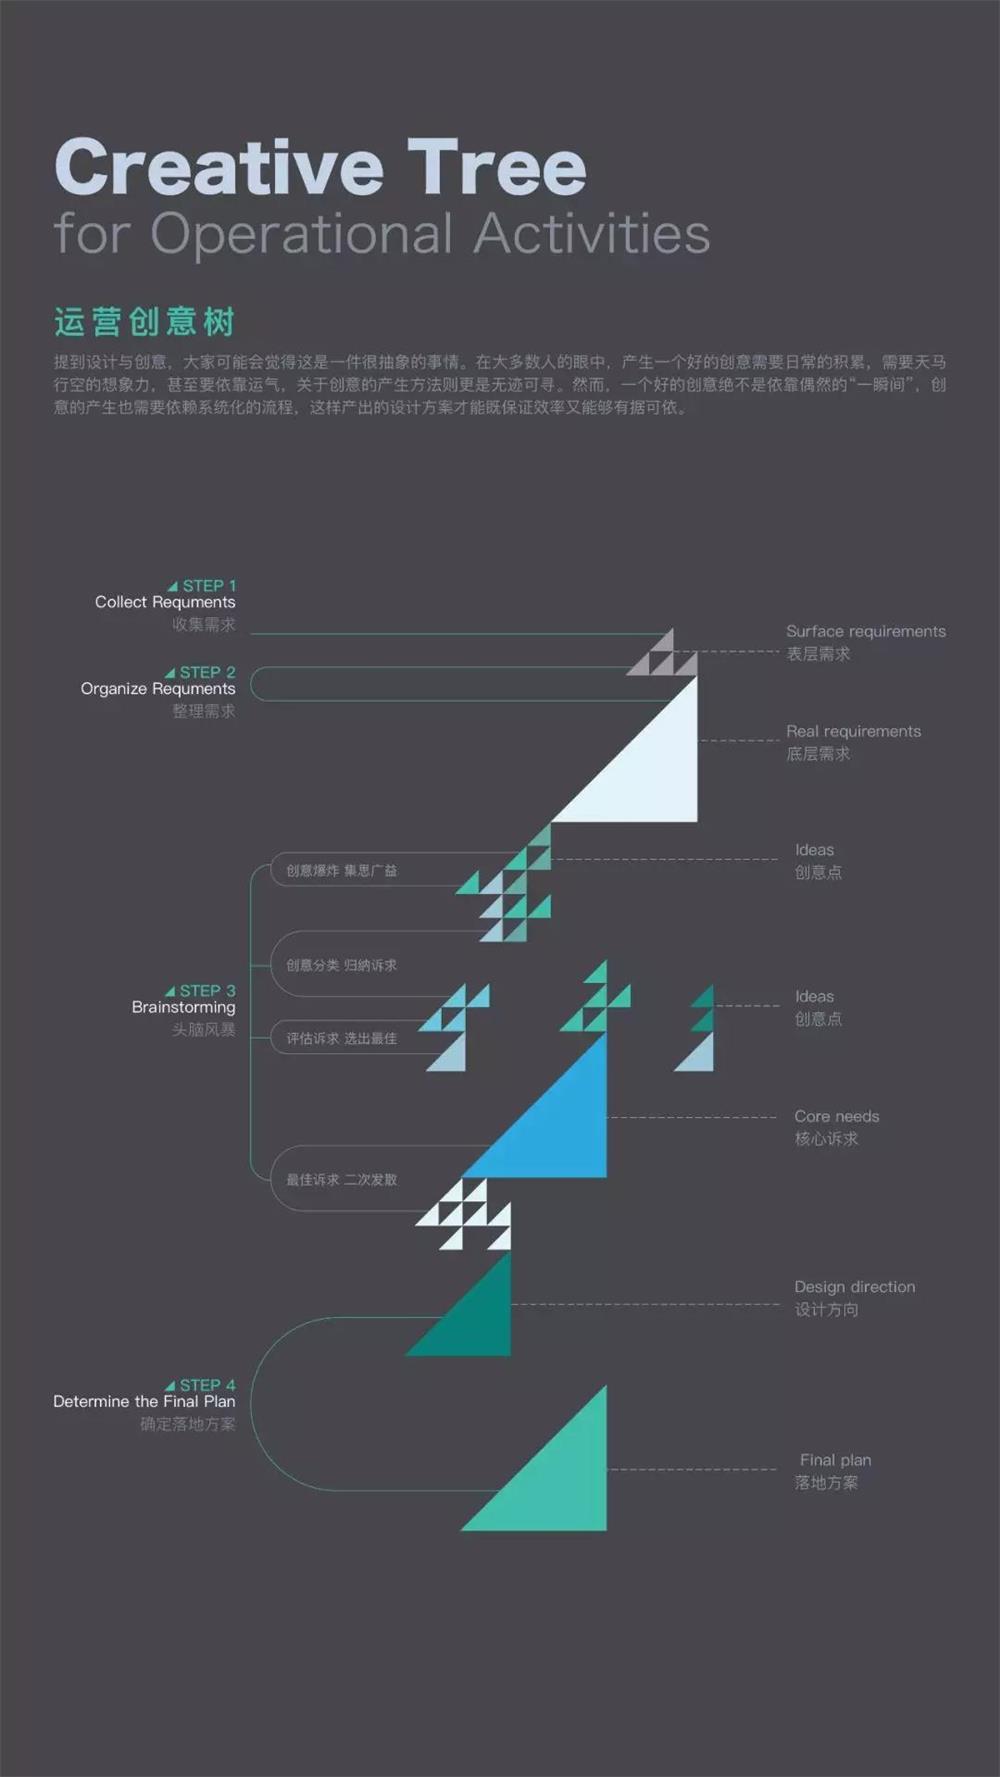 实战案例!一个简单好用的创意设计流程总结